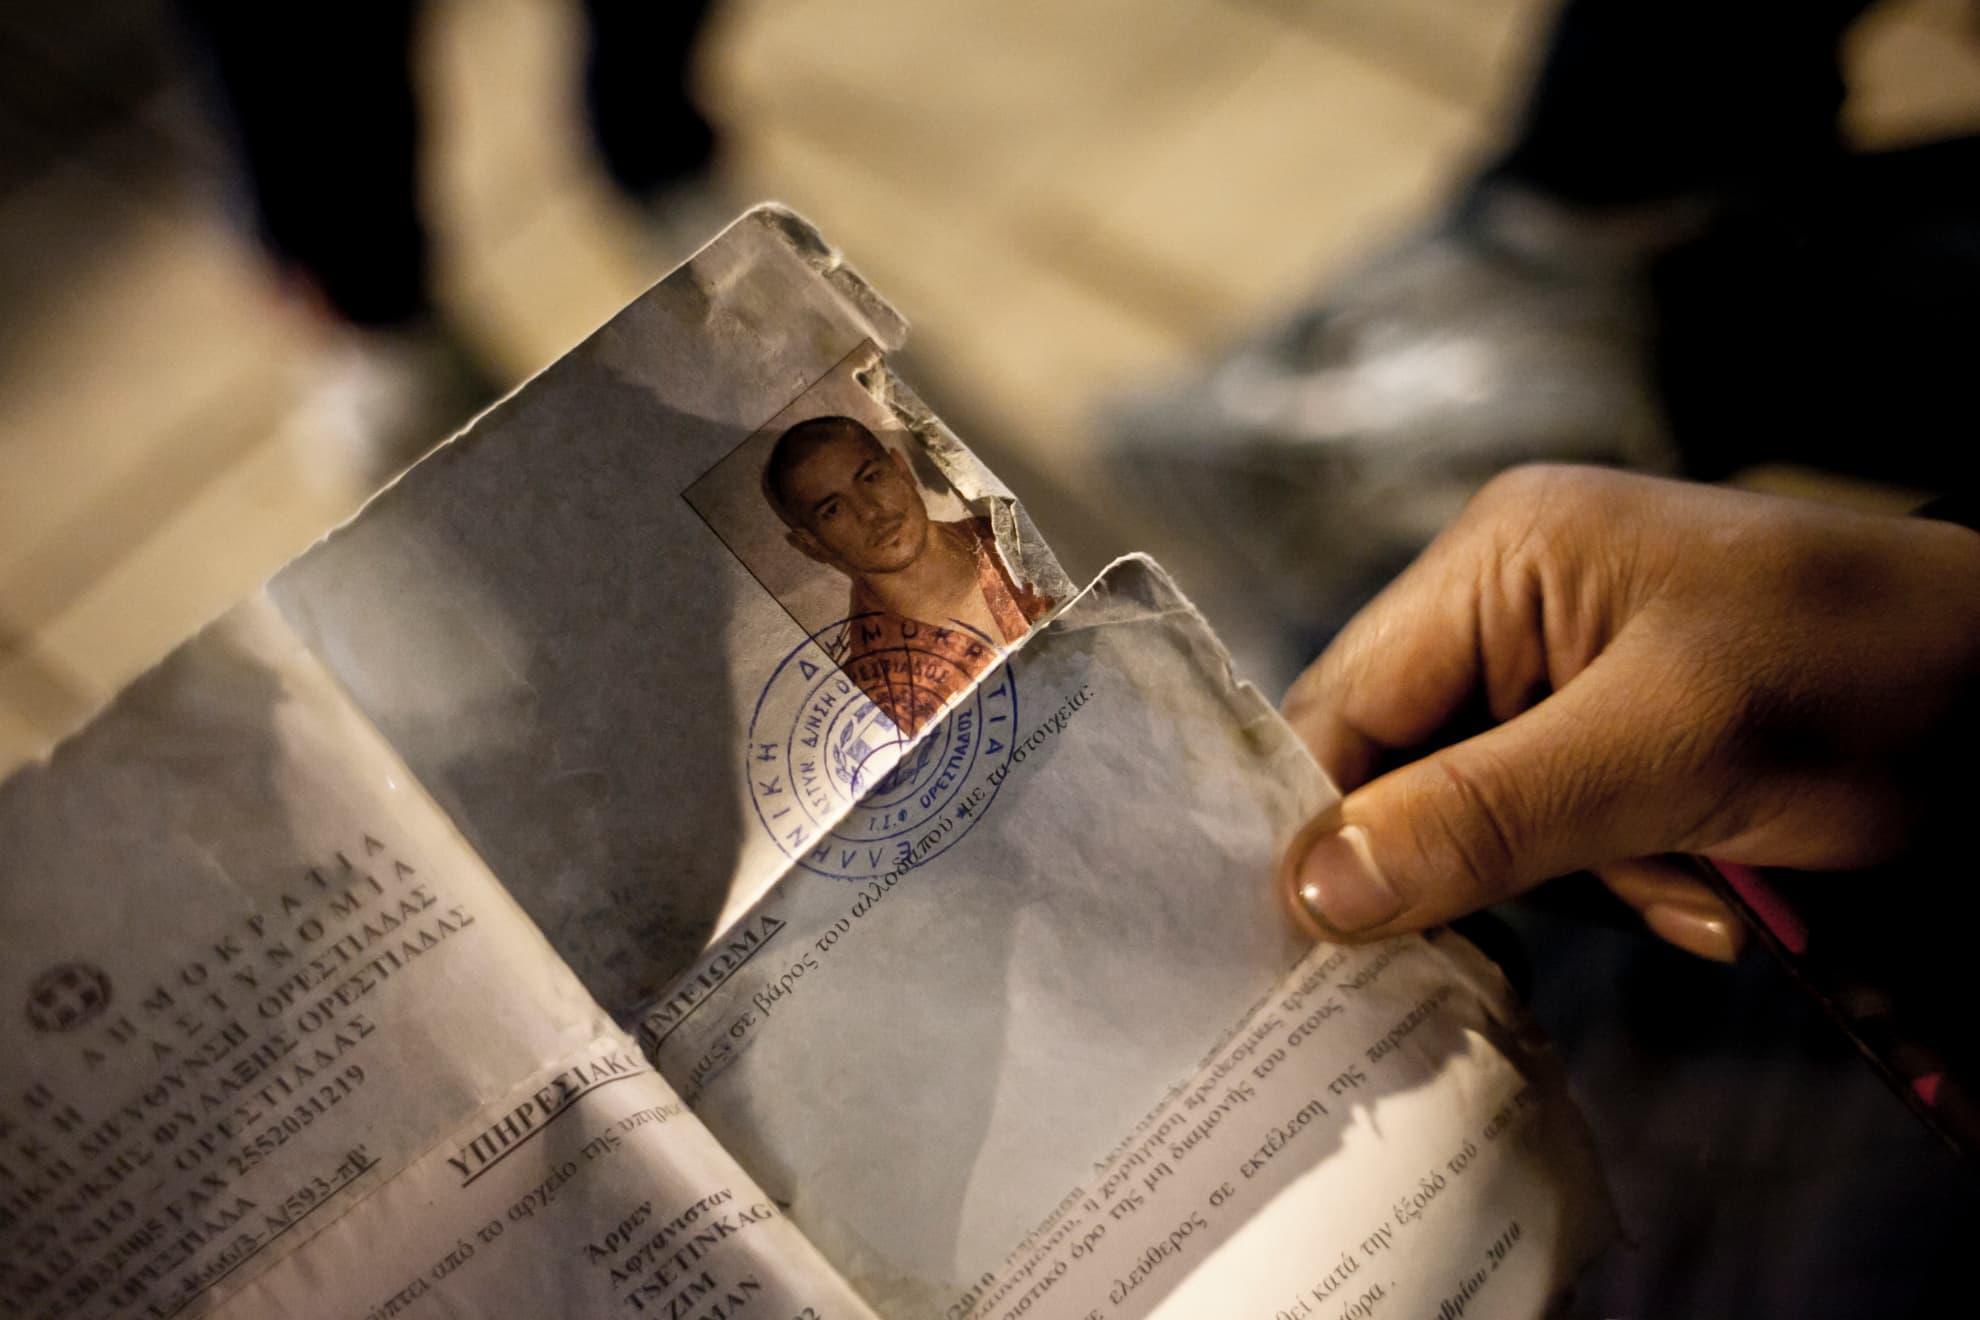 """Un joven observa su """"tarjeta blanca"""". Muchas personas migrantes son arrestadas por su situación irregular y permanecen detenidas hasta su expulsión. Cuando son devueltas a la calle, les entregan este documento con la orden de abandonar el país por sus propios medios en el plazo de un mes."""